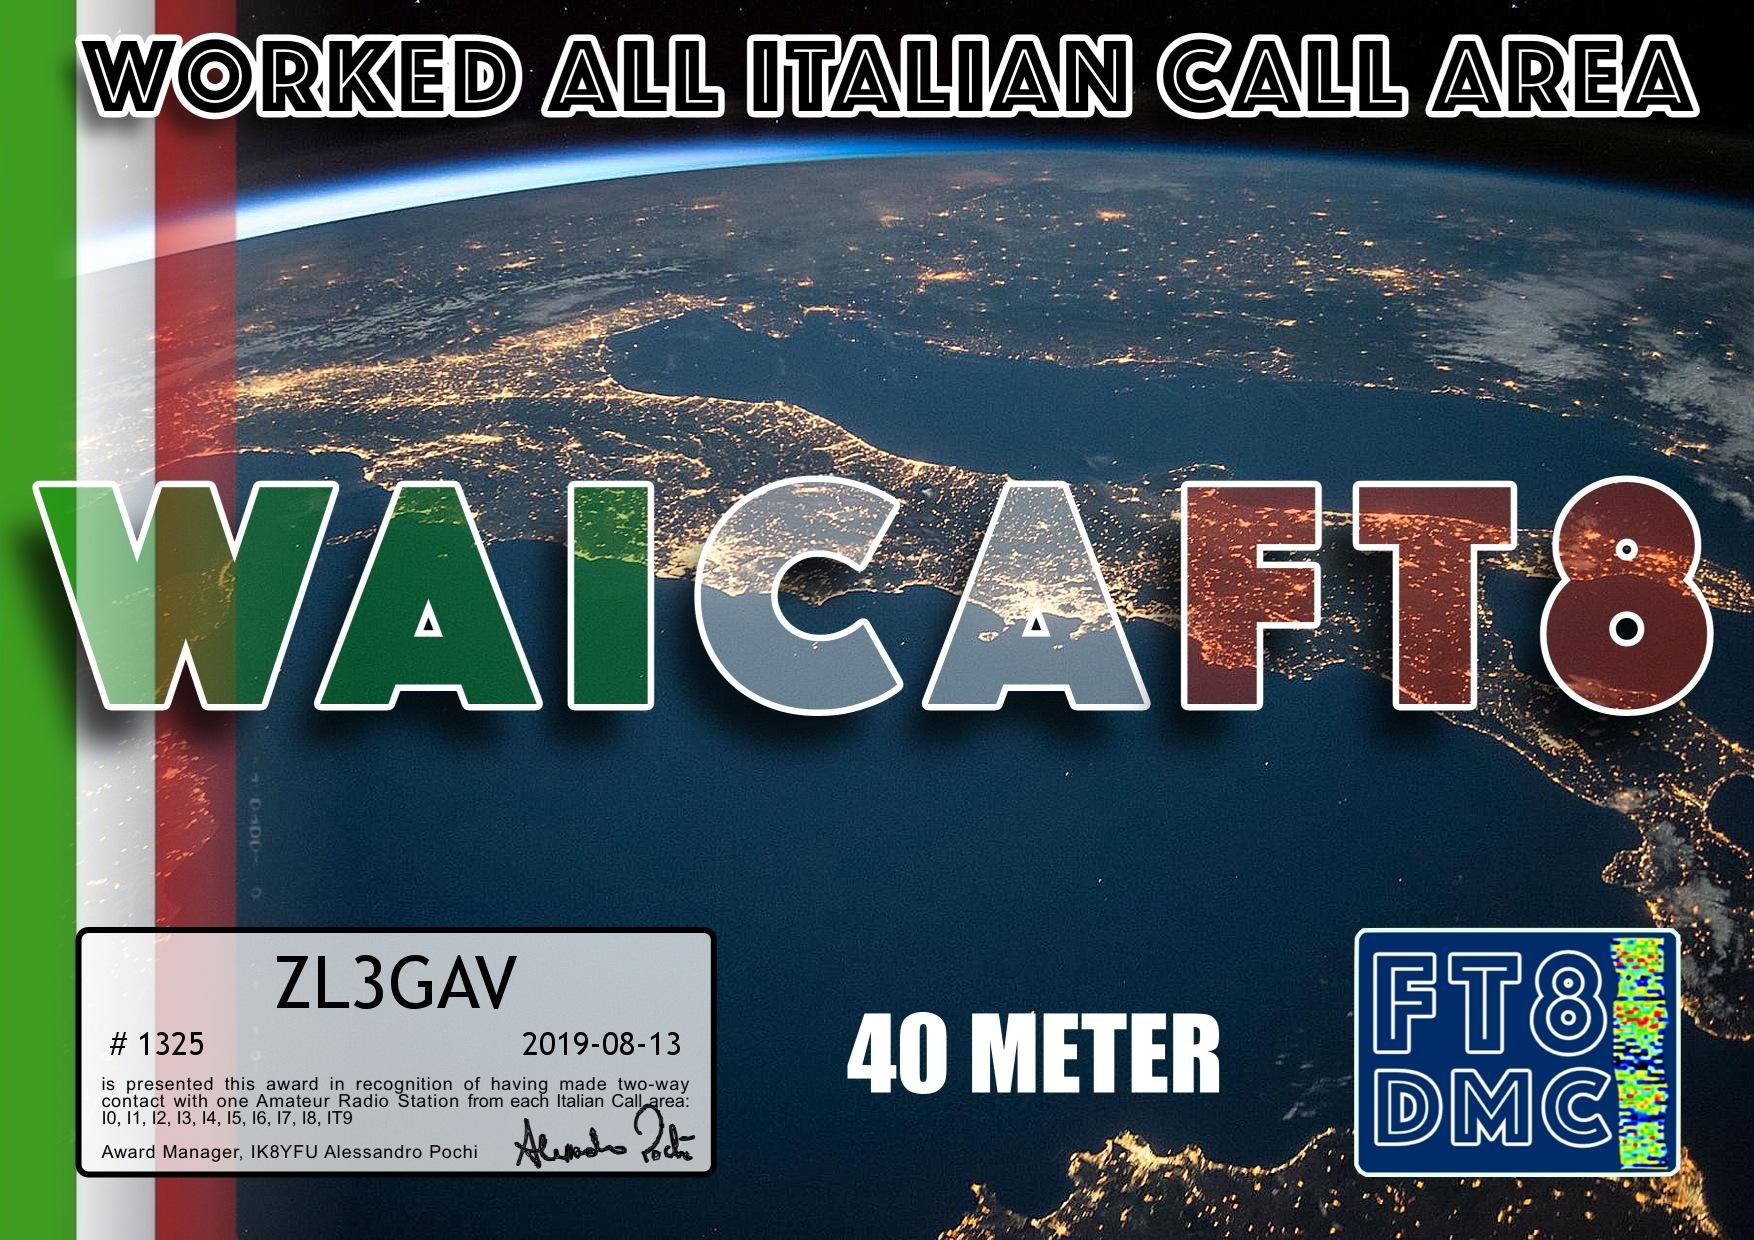 ZL3GAV-WAICA-40M.jpg